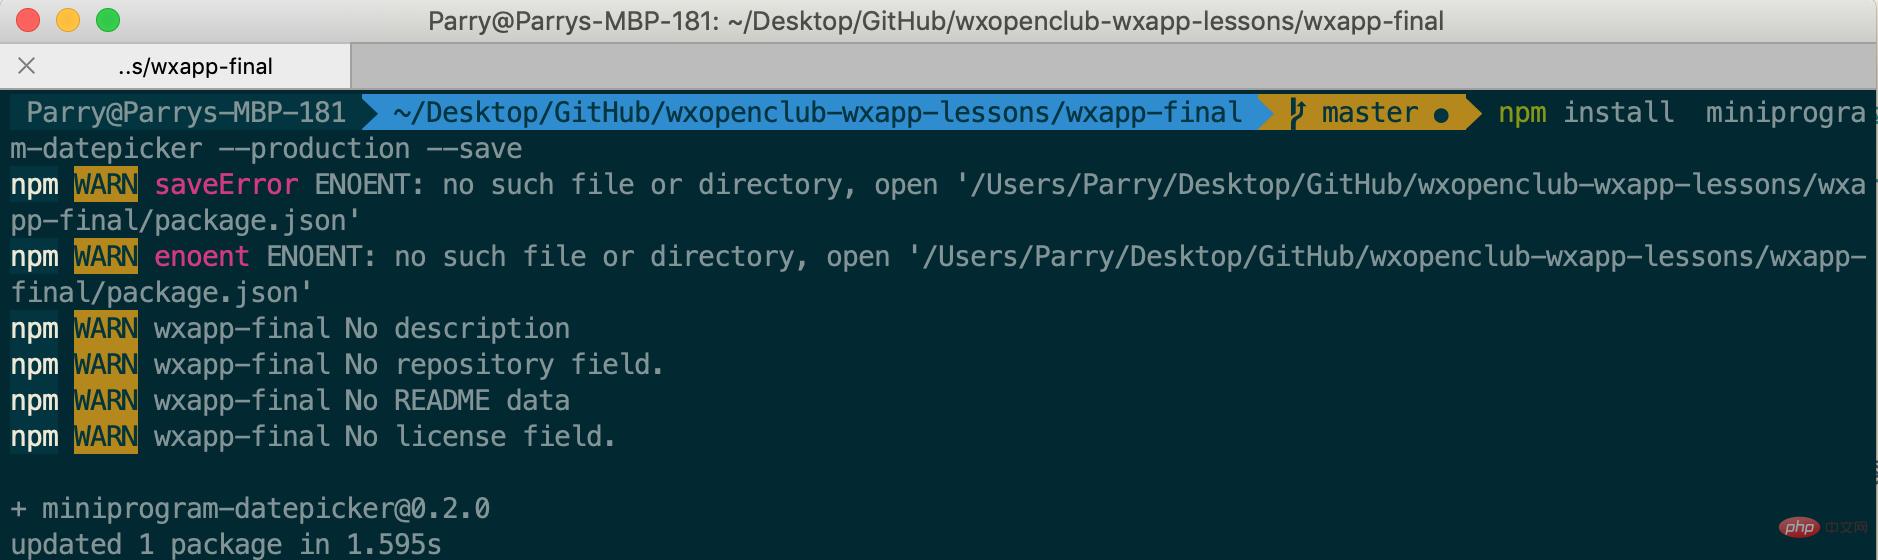 微信小程序如何加载npm包